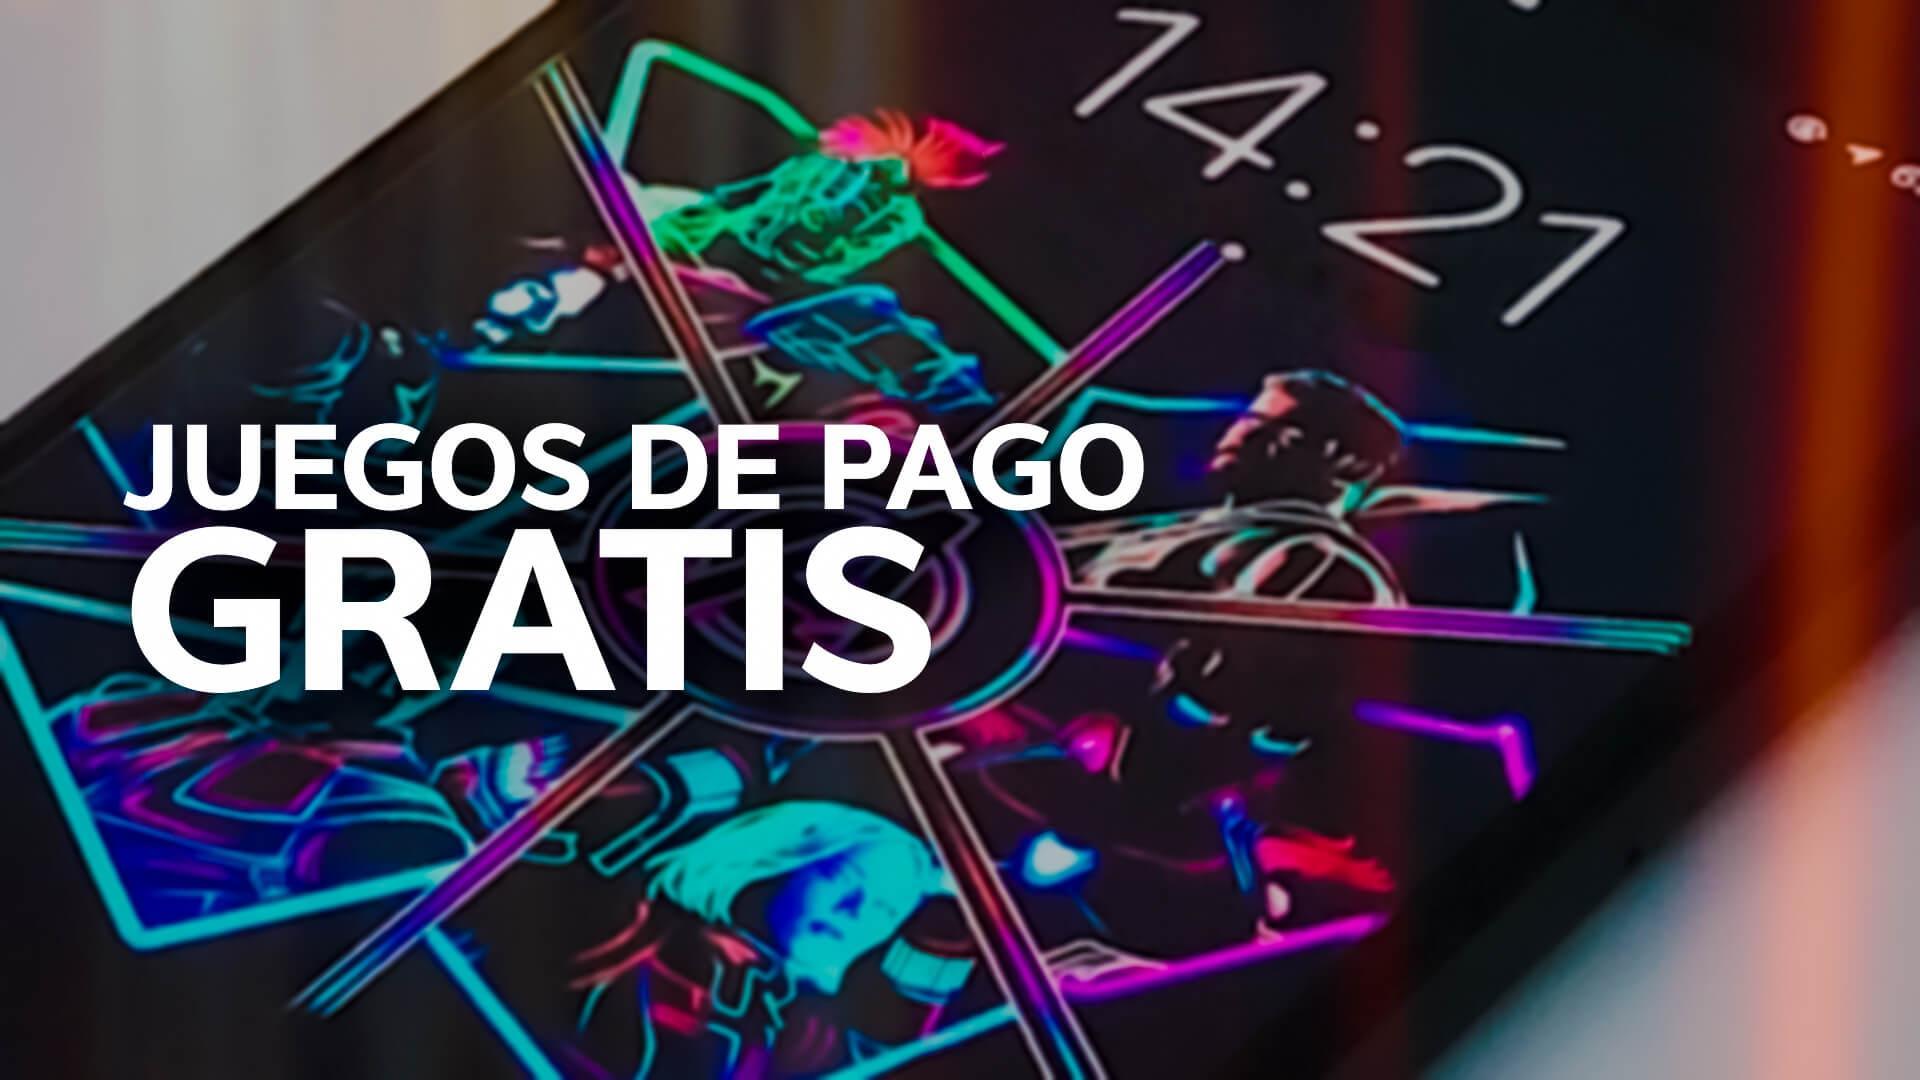 JUEGOS DE PAGO GRATIS JUEGOS GRATIS IPHONE 2